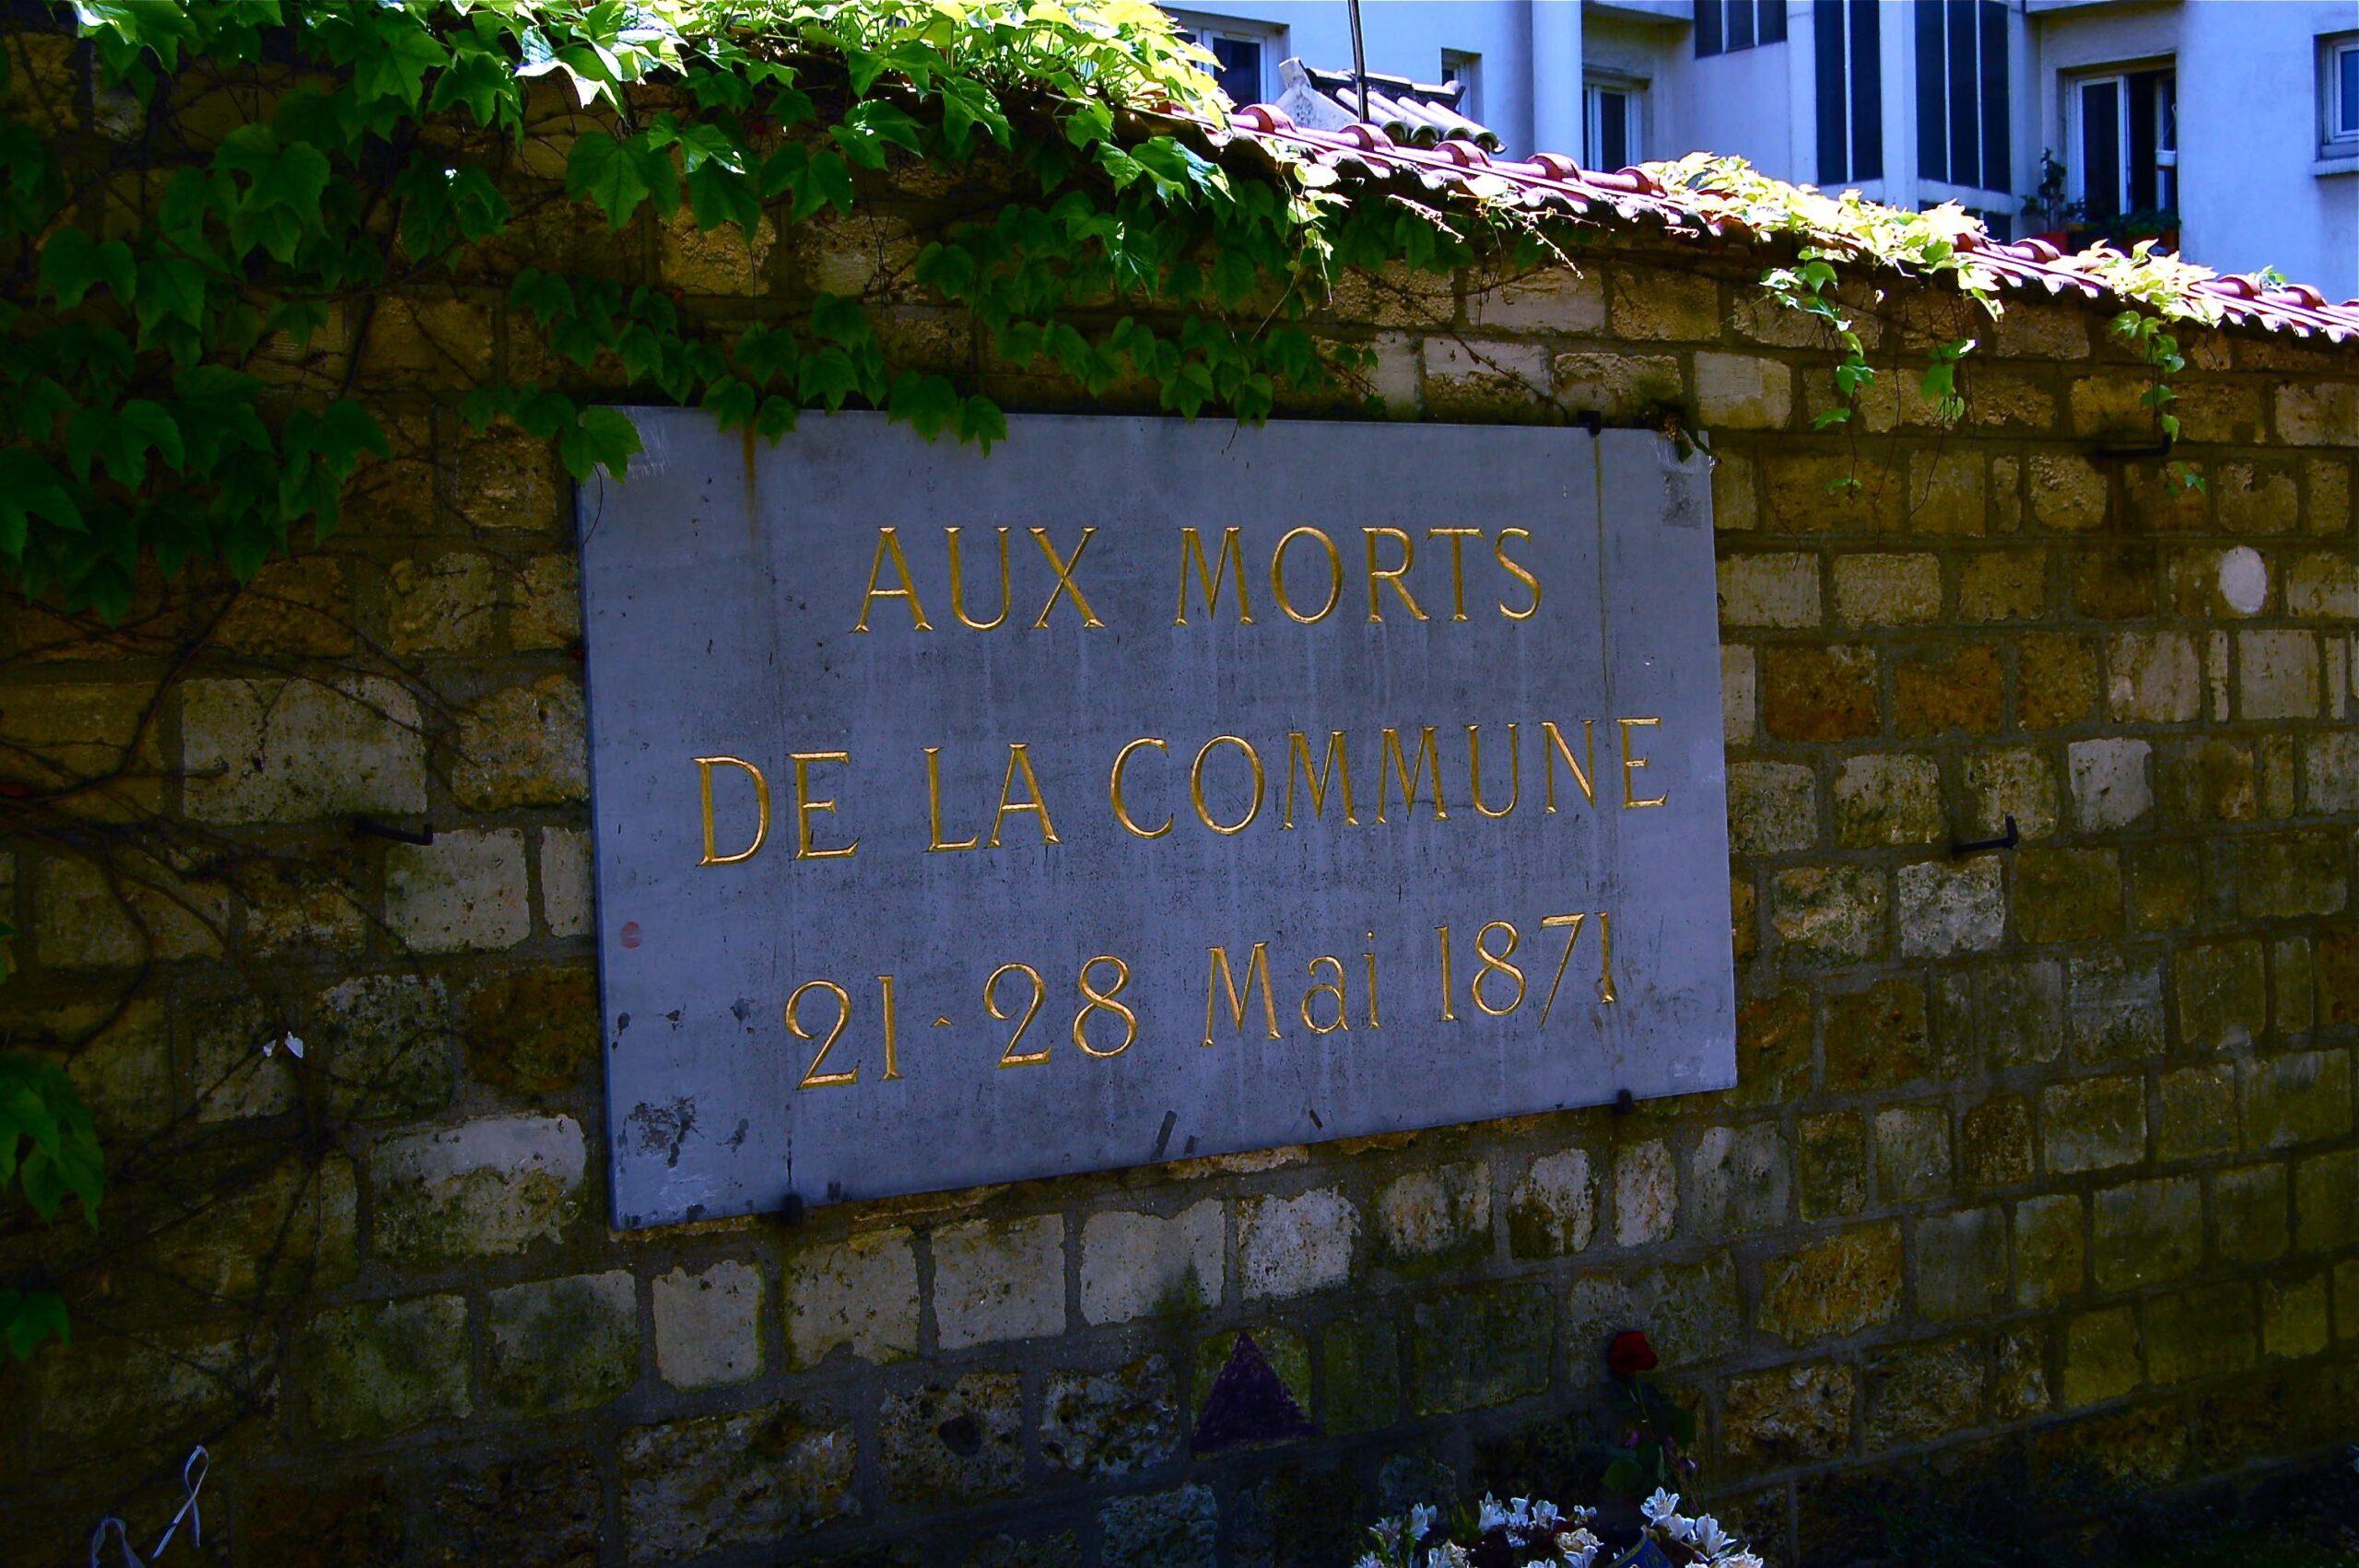 La brújula matriz se mira, y fortalece, en La Comuna de París (1871)